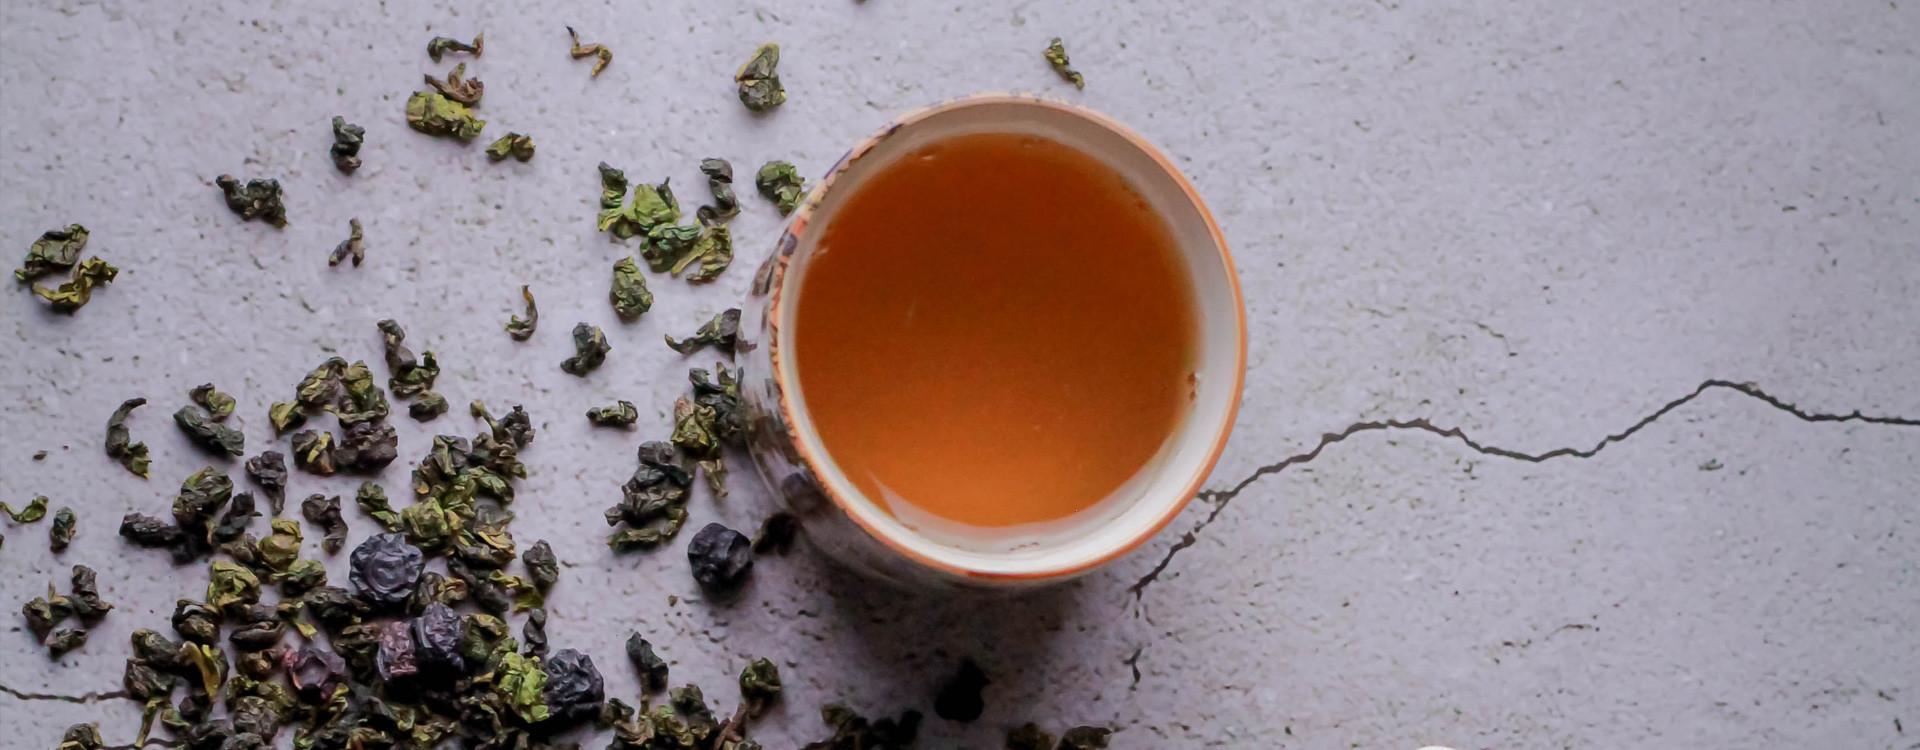 Tout savoir sur le thé oolong